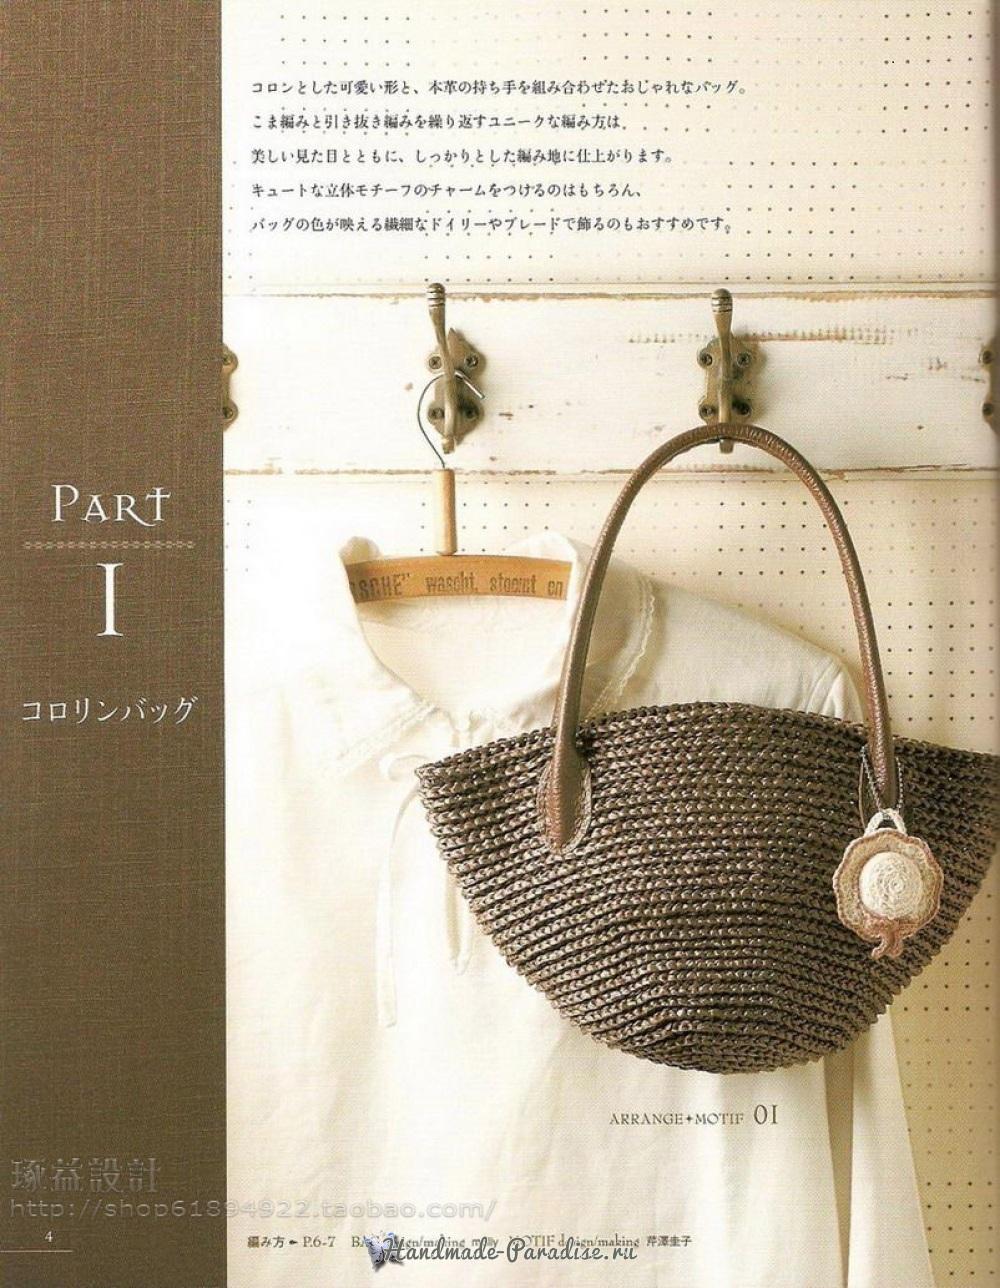 Вязание сумок из полиэтиленовой пряжи. Японский журнал (3)